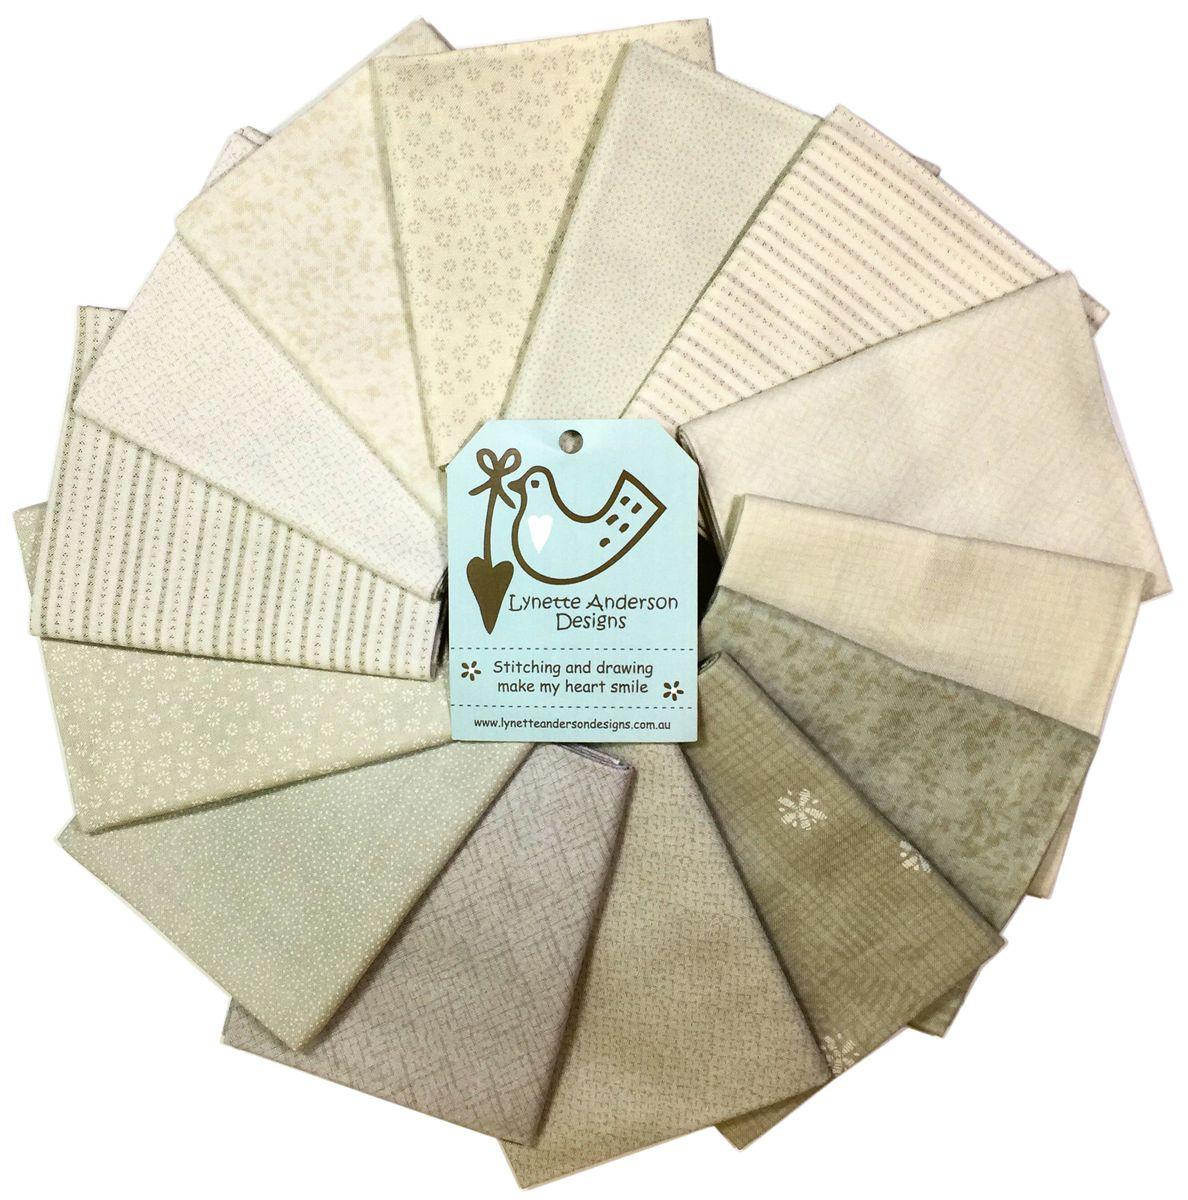 """Очаровательный набор лоскутов из хлопка """"RJR"""" используется для лоскутного шитья, пэчворка, домашнего декора, скрапбукинга и т.п. Набор состоит из 14 лоскутов по 45 х 55 см."""